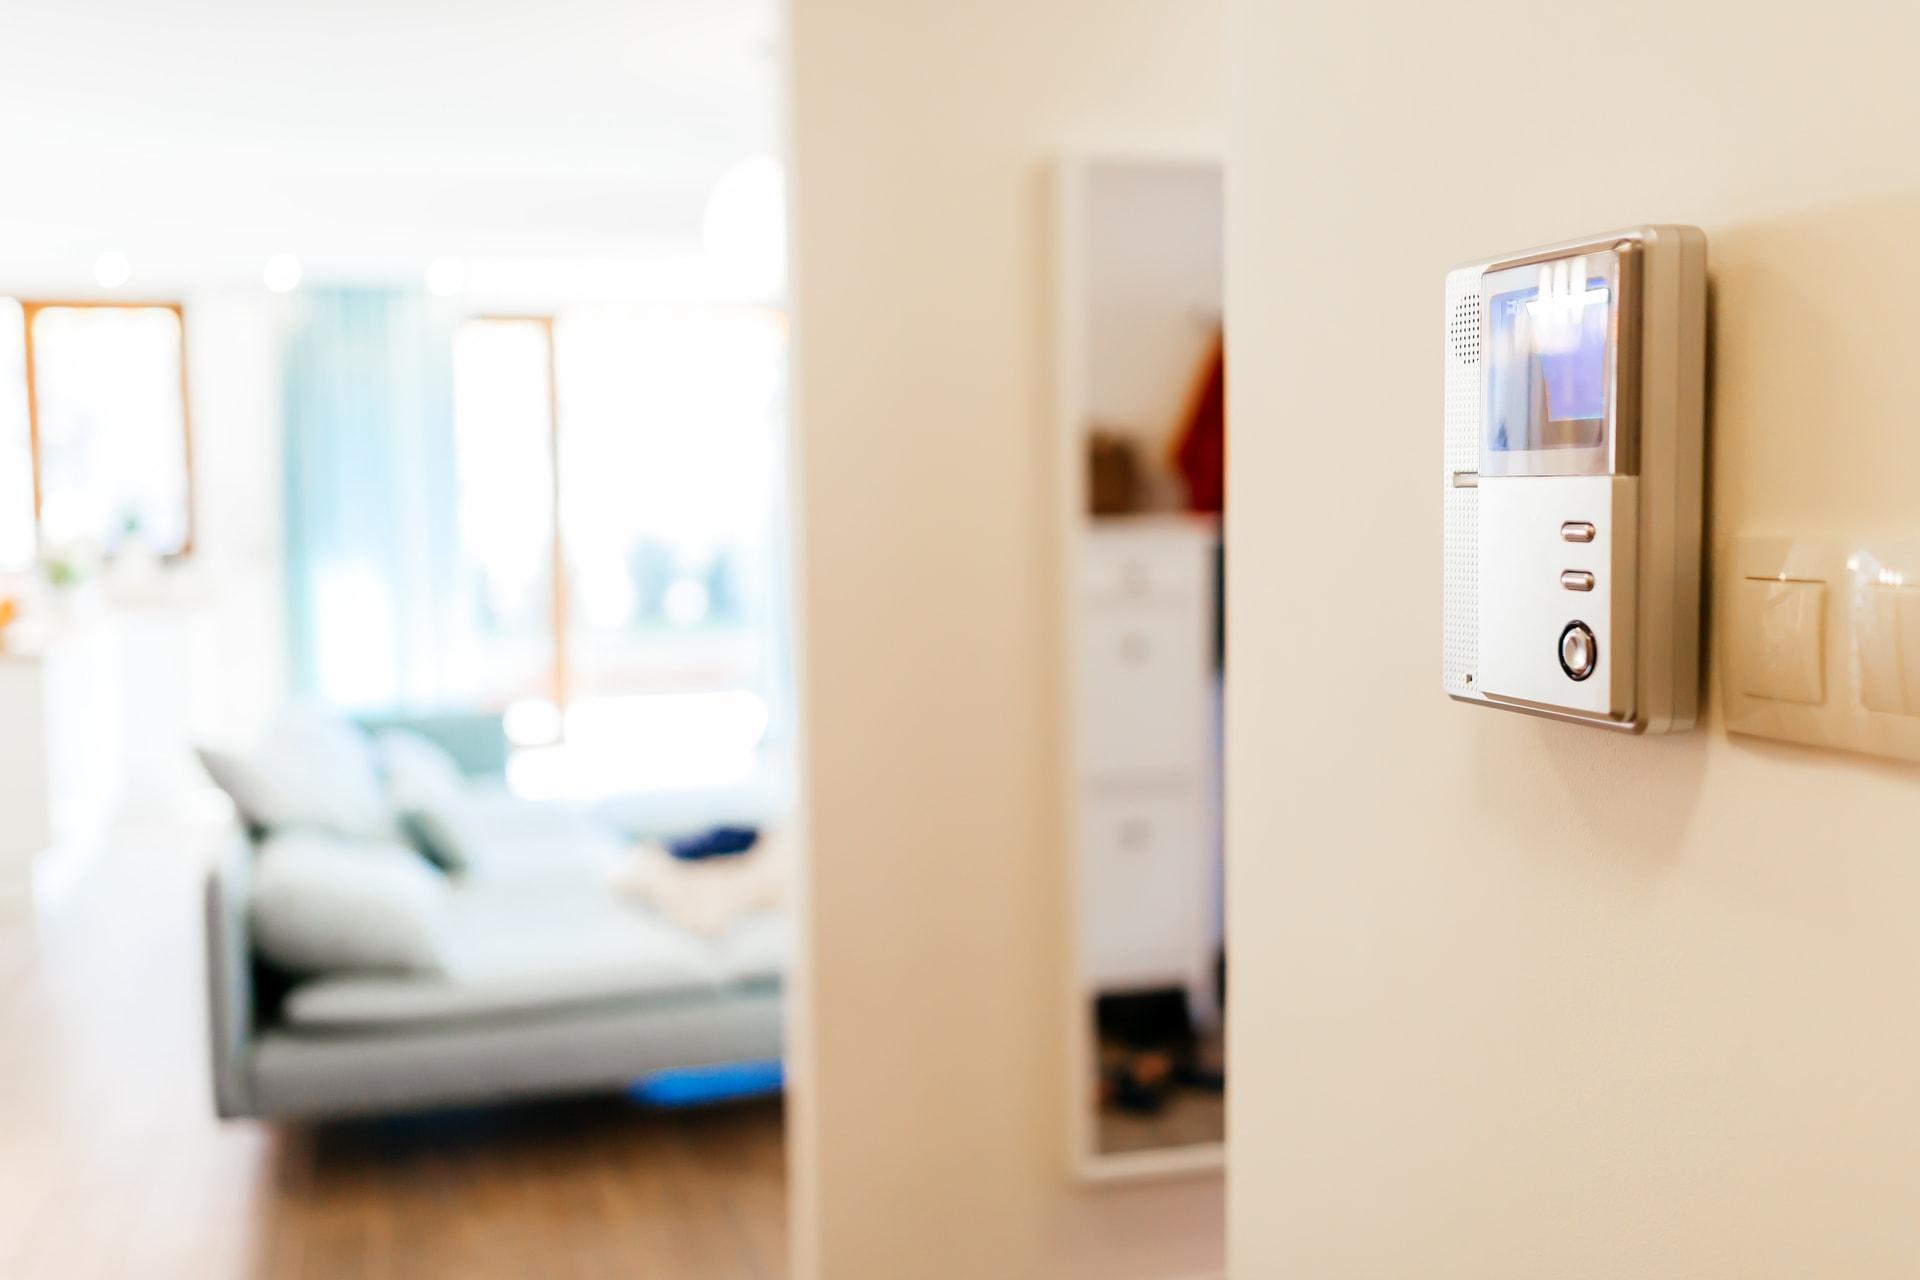 Toestel aan de muur in een appartement om met videofonie van GW Security Group te beveiligen